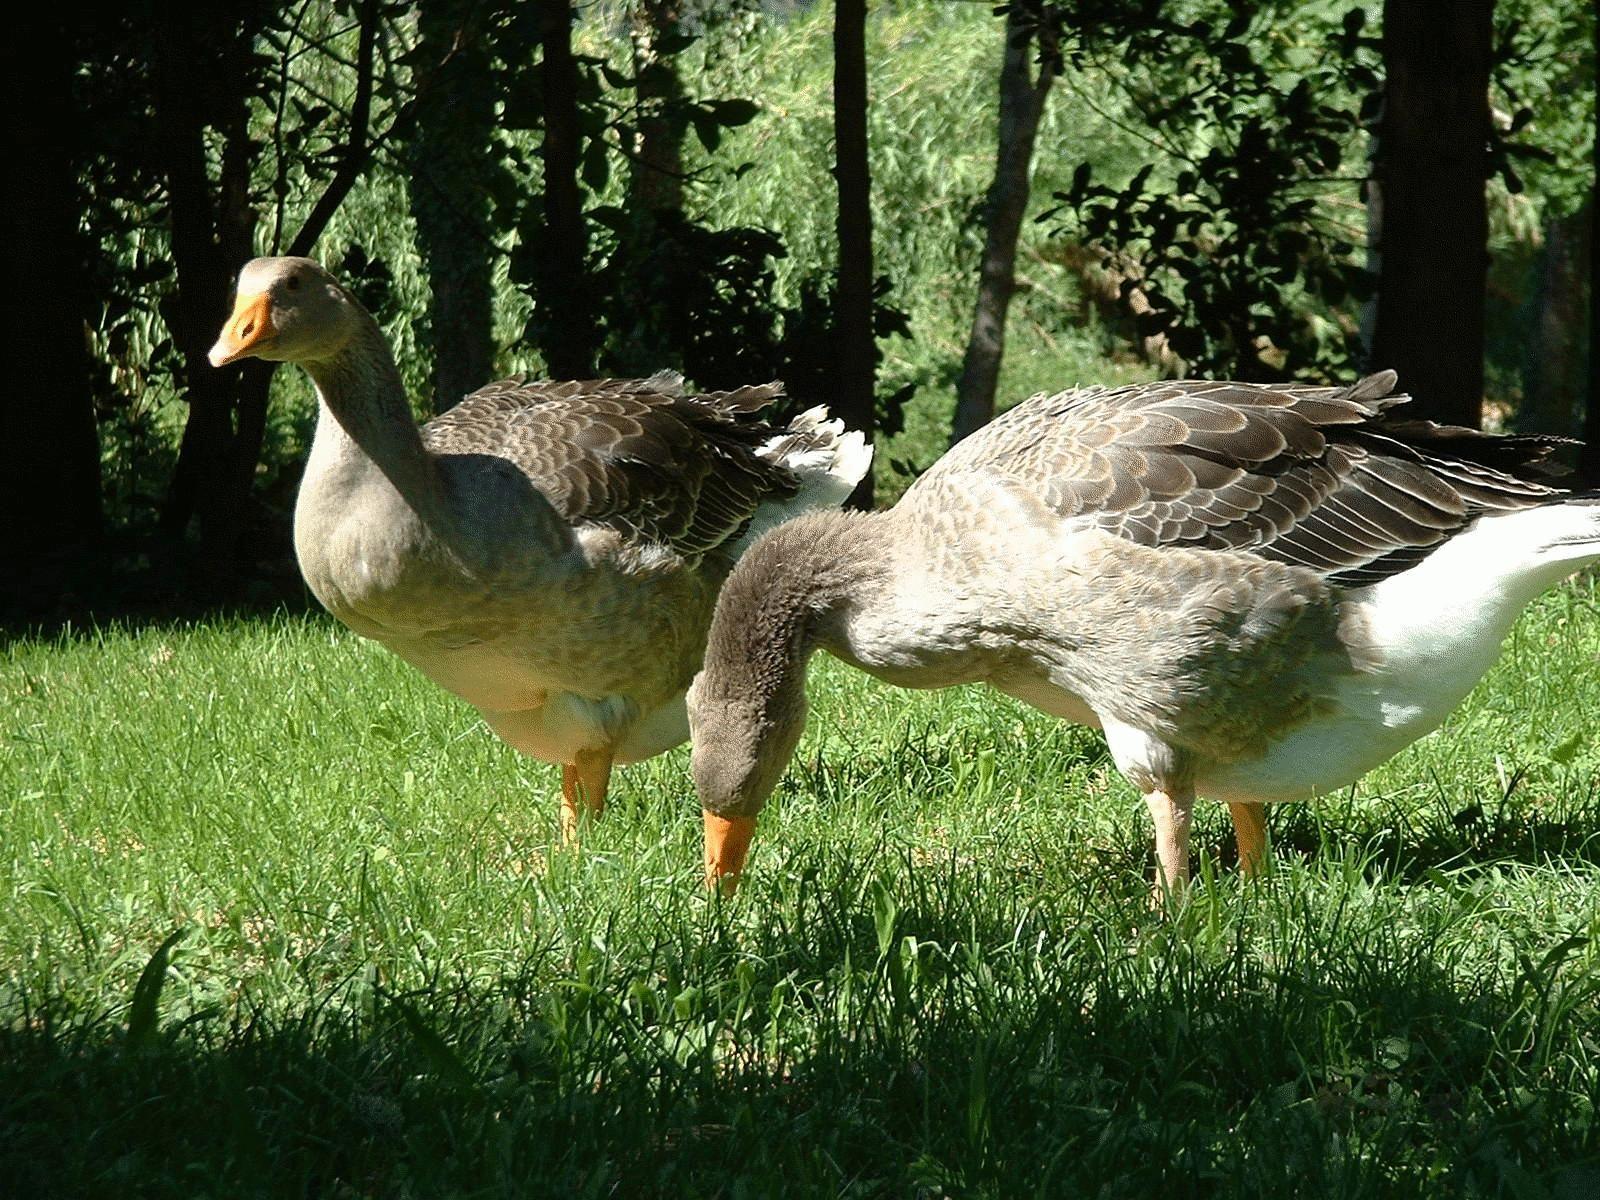 Le foie gras français est-il menacé ?